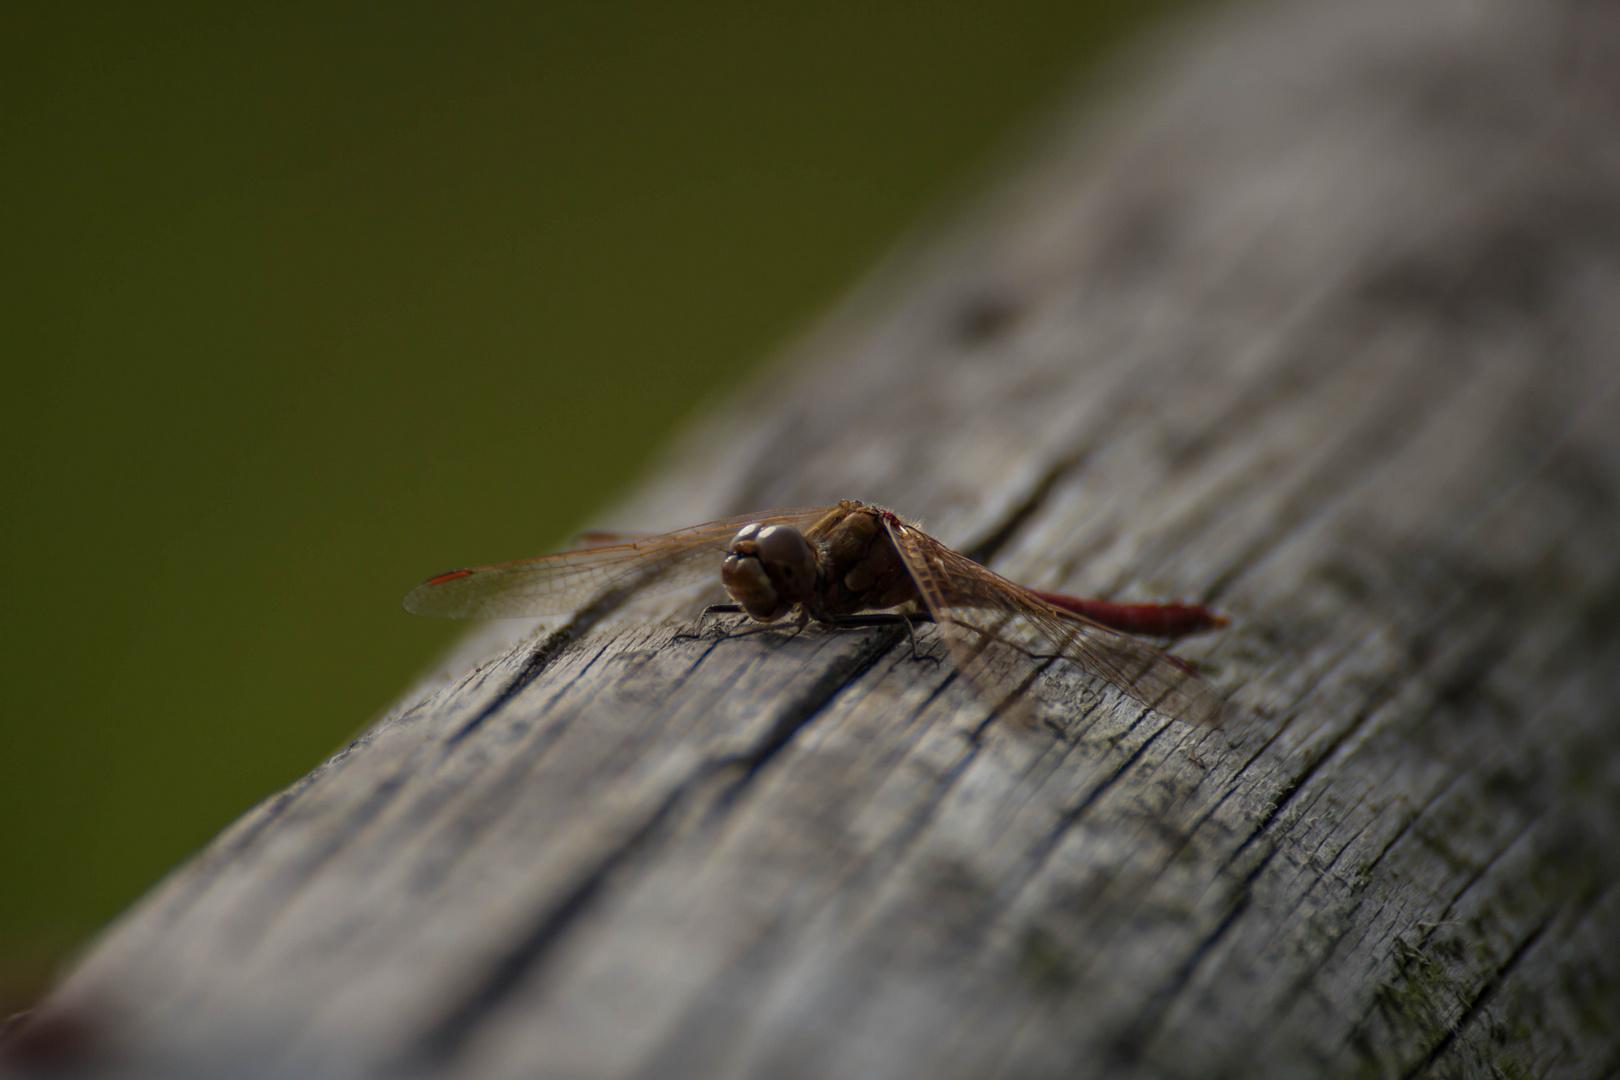 die Libelle sonnte sich ....